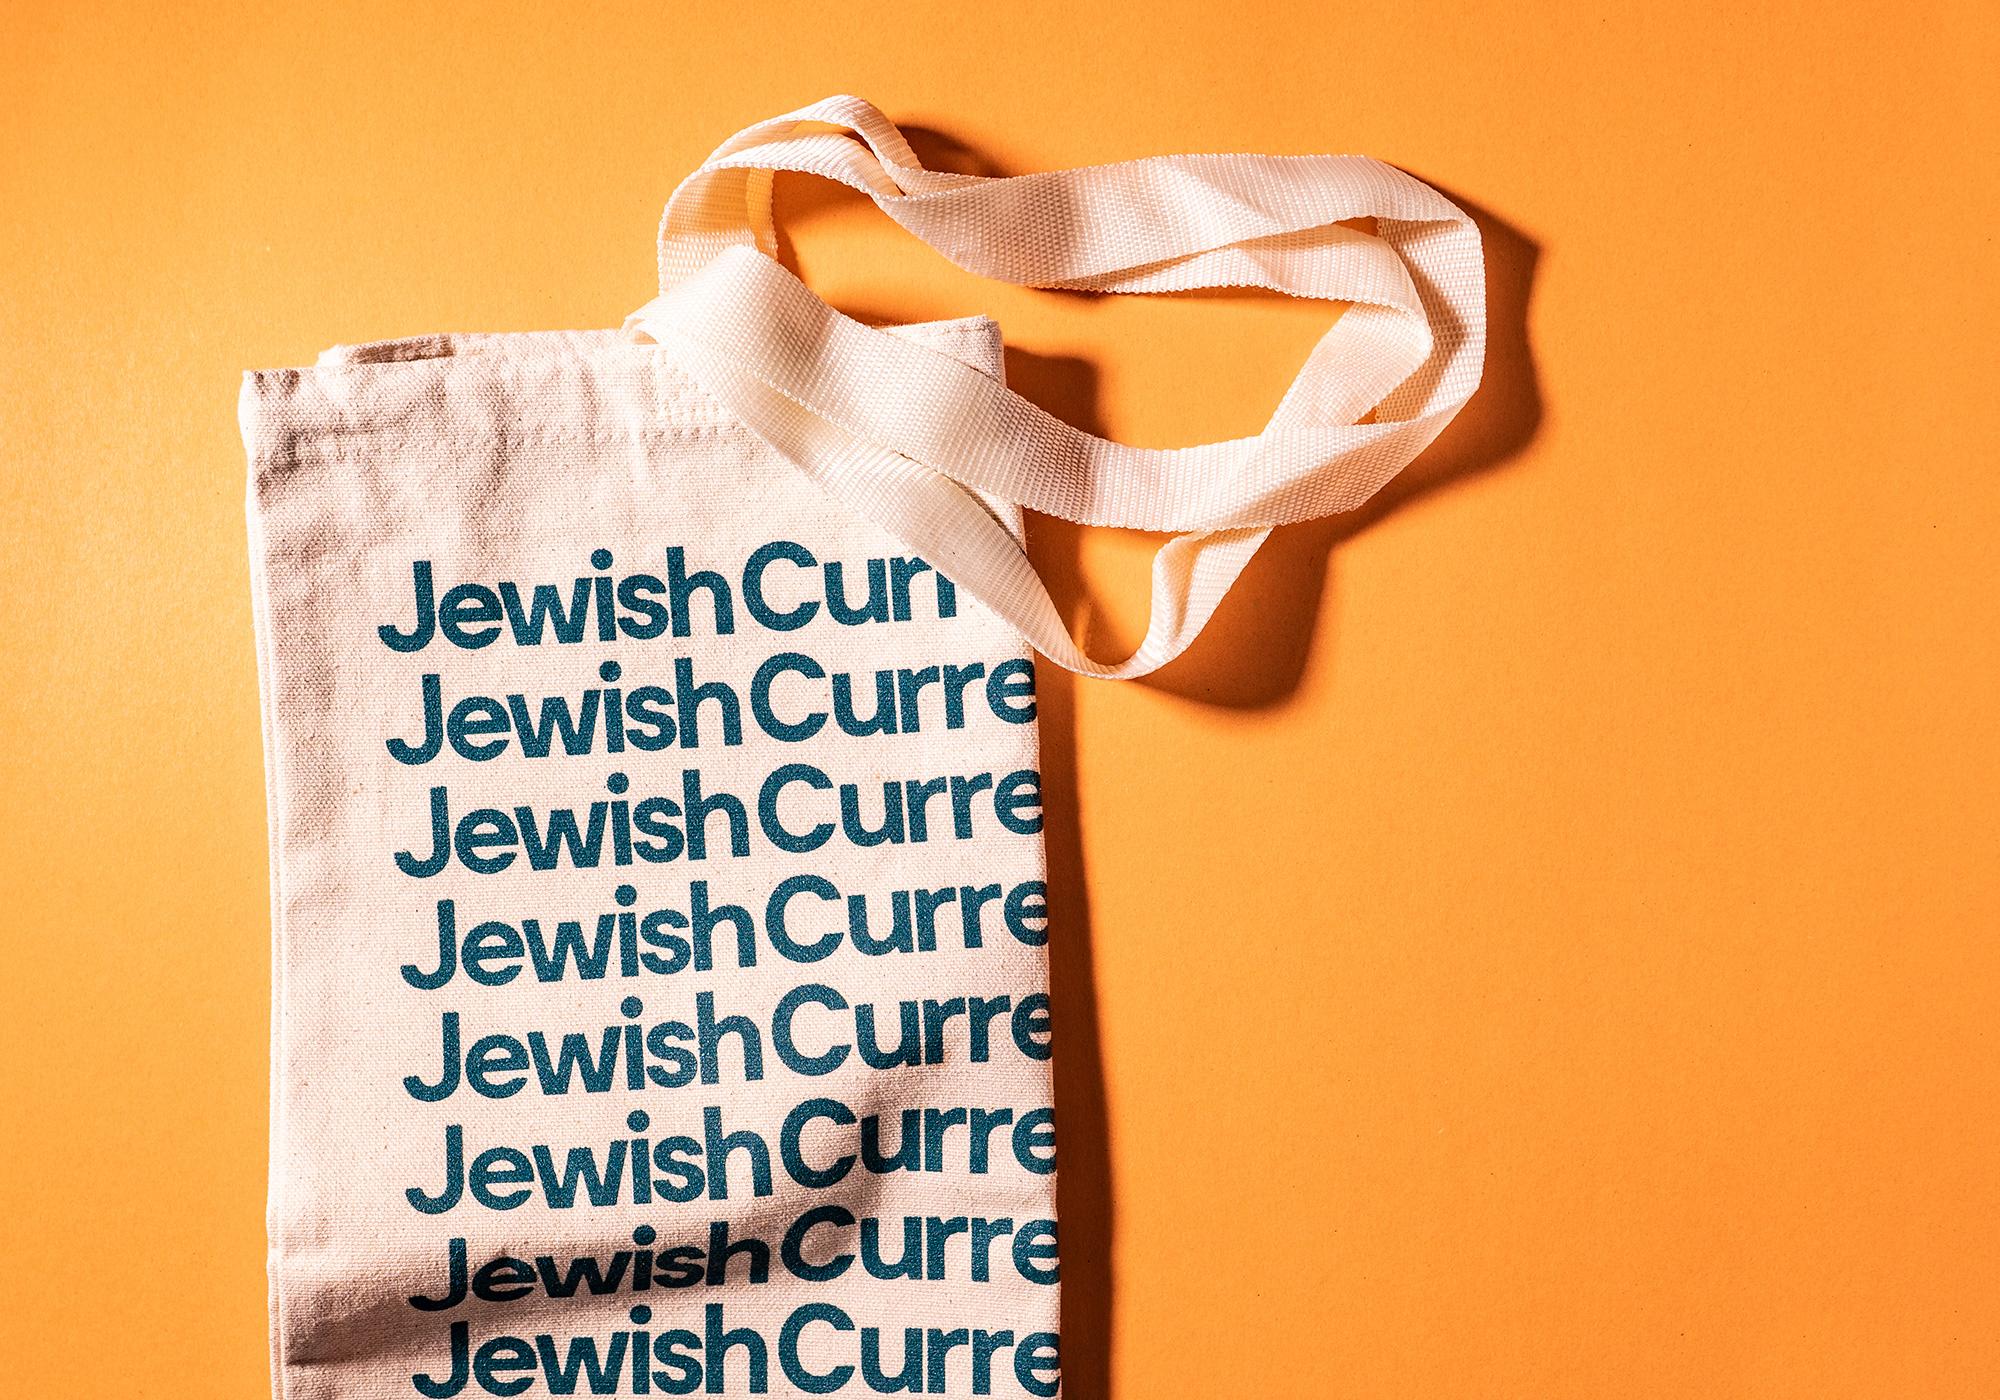 JosiahArt_JewishCurrents7.jpg